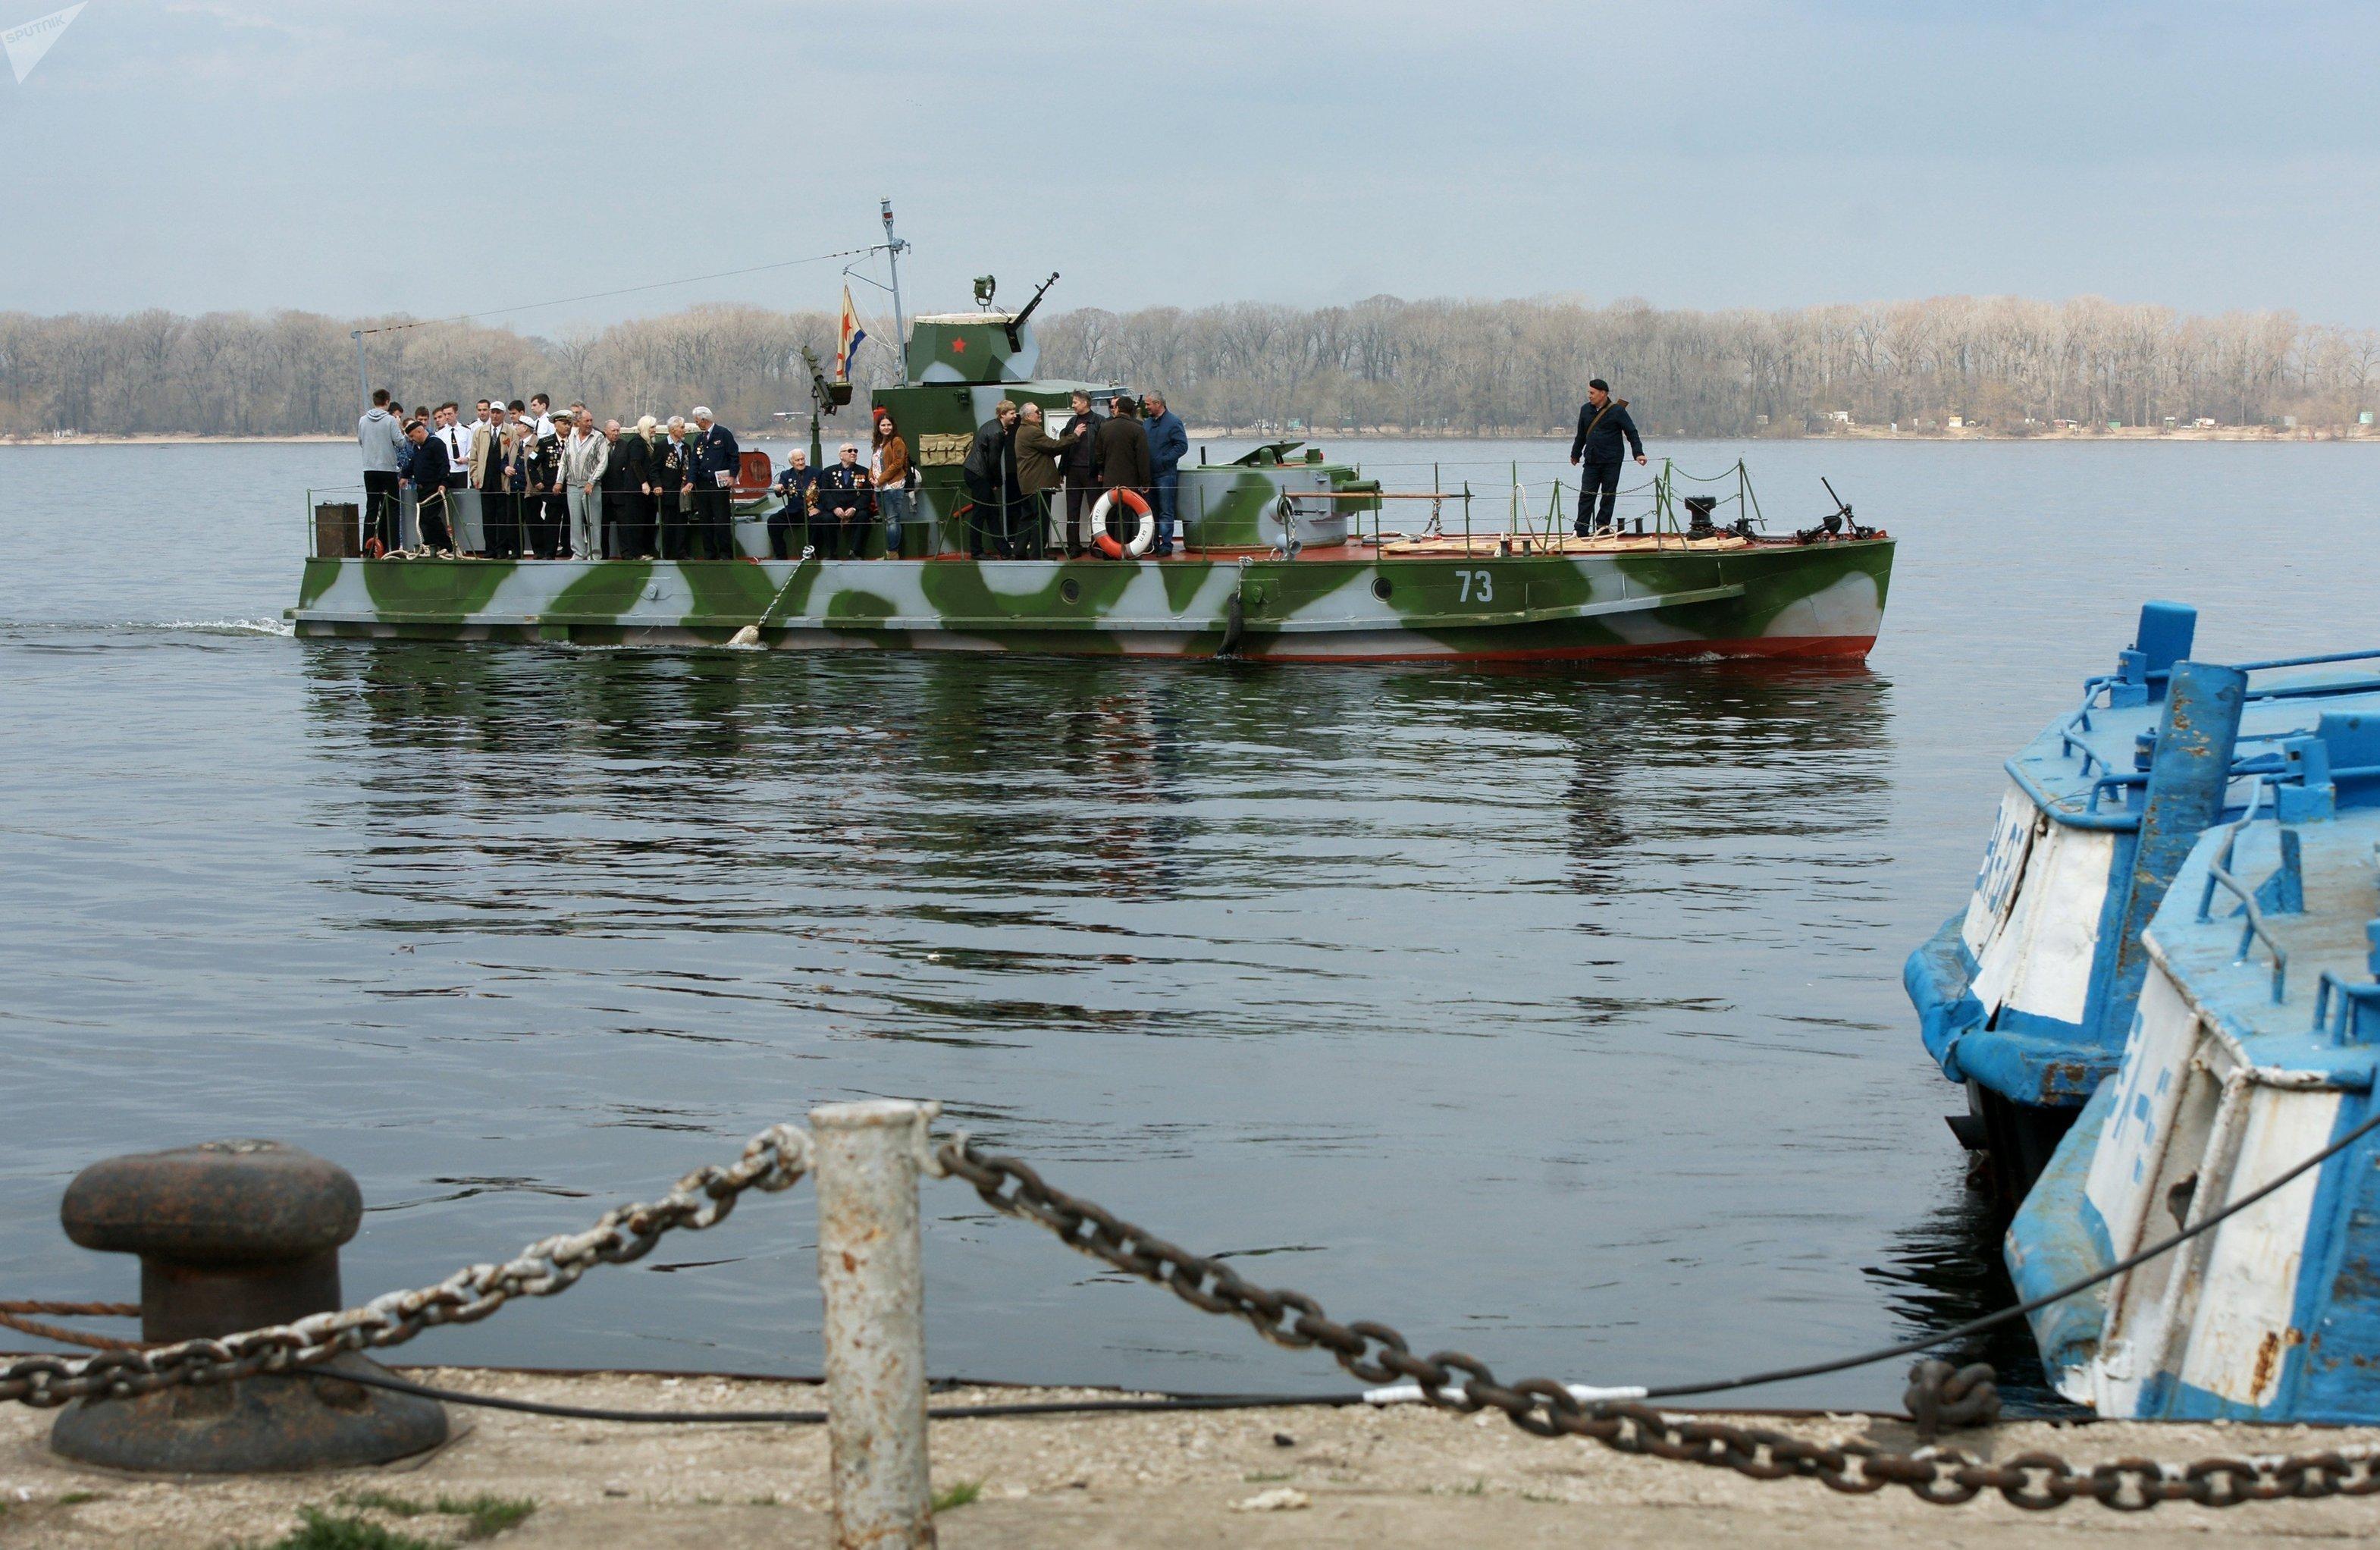 La lancha blindada BK 73 con pasajeros a bordo en la ciudad rusa de Samara